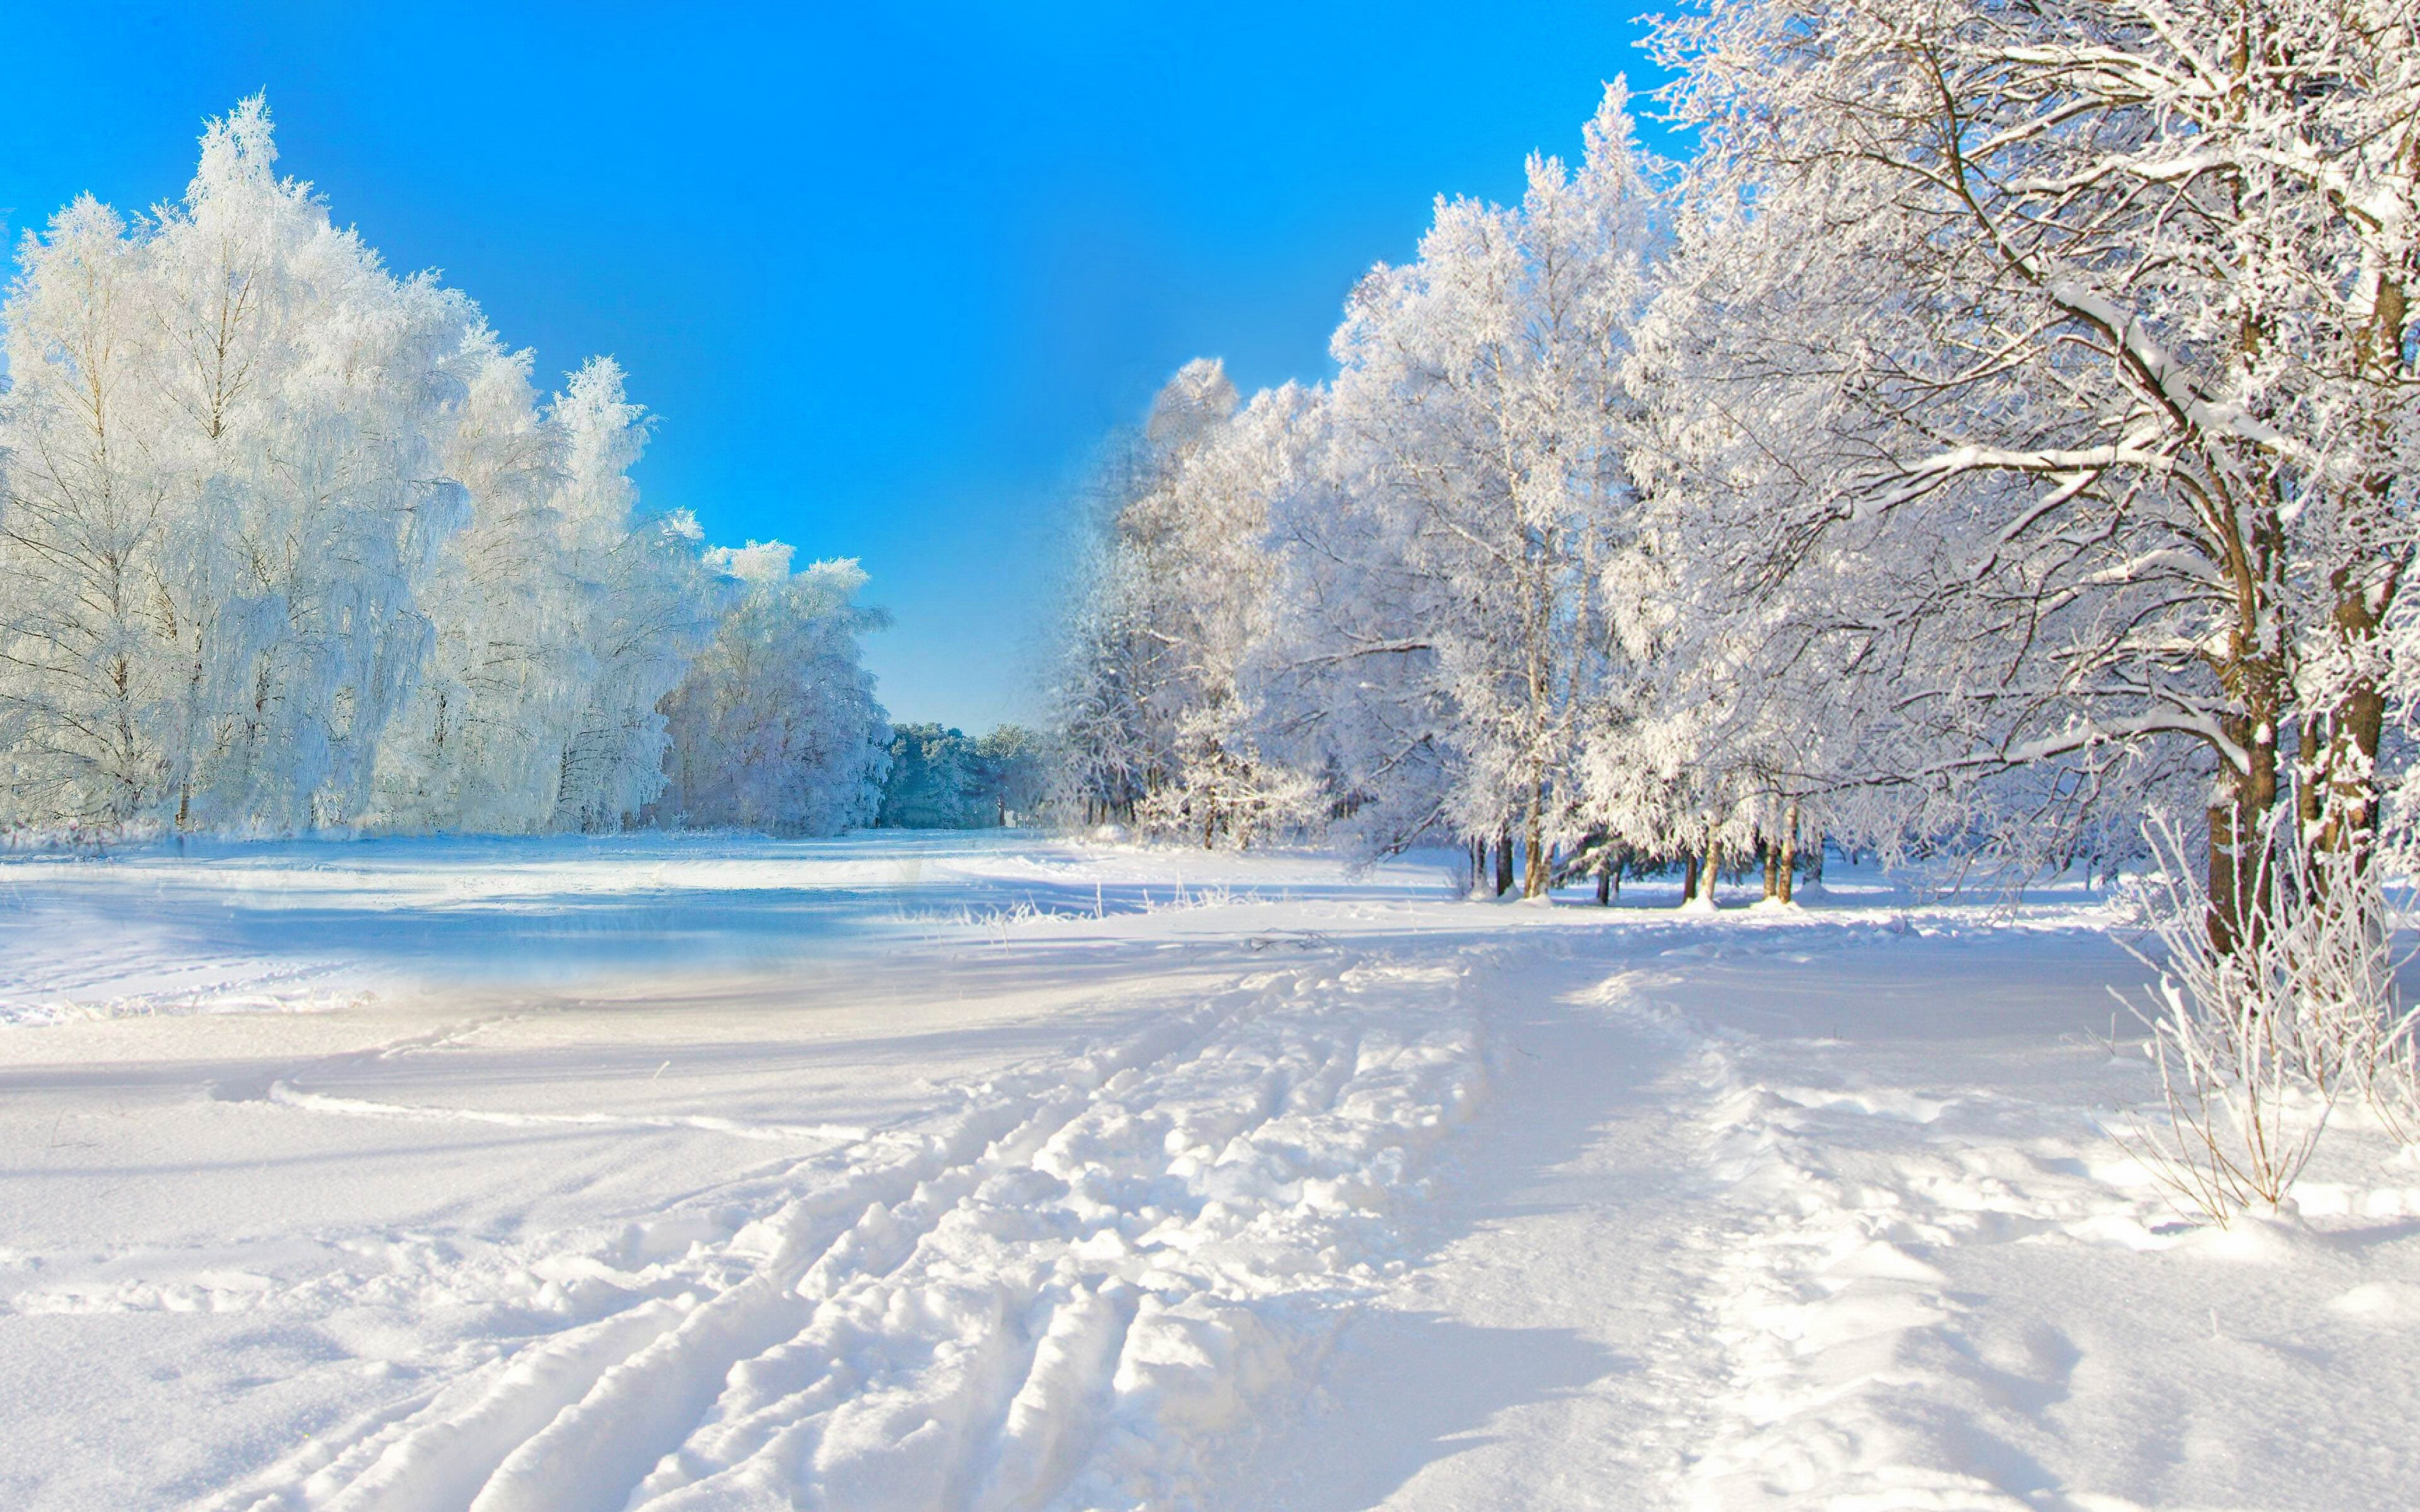 солнечная зима в лесу скачать